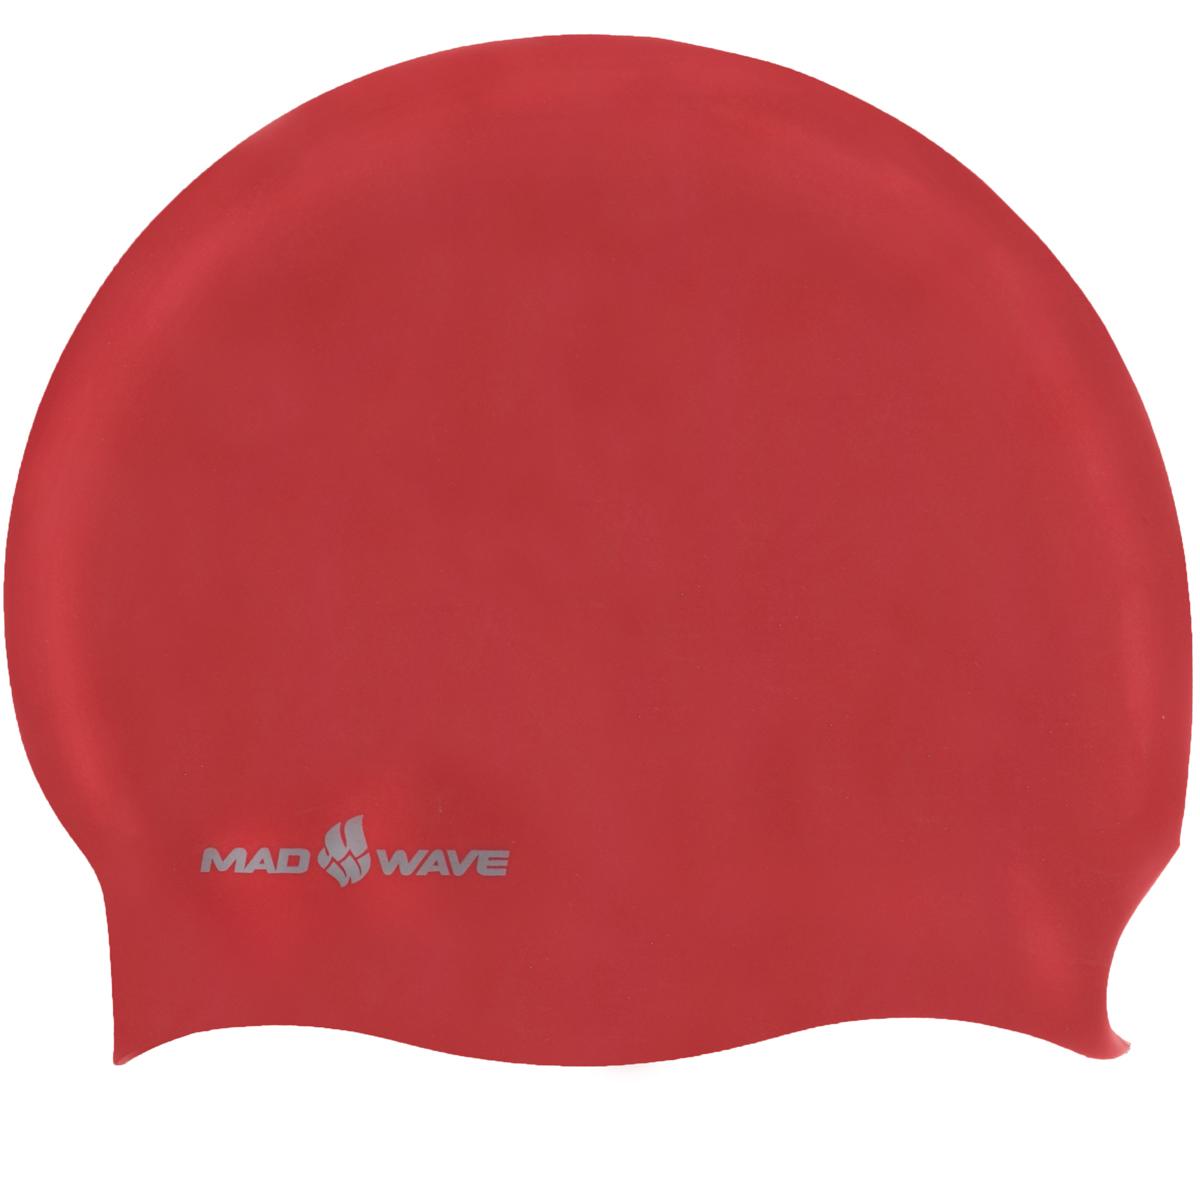 Шапочка для плавания Mad Wave Reverse Champion, цвет: серебро, красный100105273D двусторонняя шапочка для плавания Mad Wave Reverse Champion изготовлена из мягкого прочного силикона, который обеспечивает идеальную подгонку и комфорт. Материал шапочки не вызывает раздражения, что гарантирует безопасность использования шапочки. Силикон не пропускает воду и приятен на ощупь.